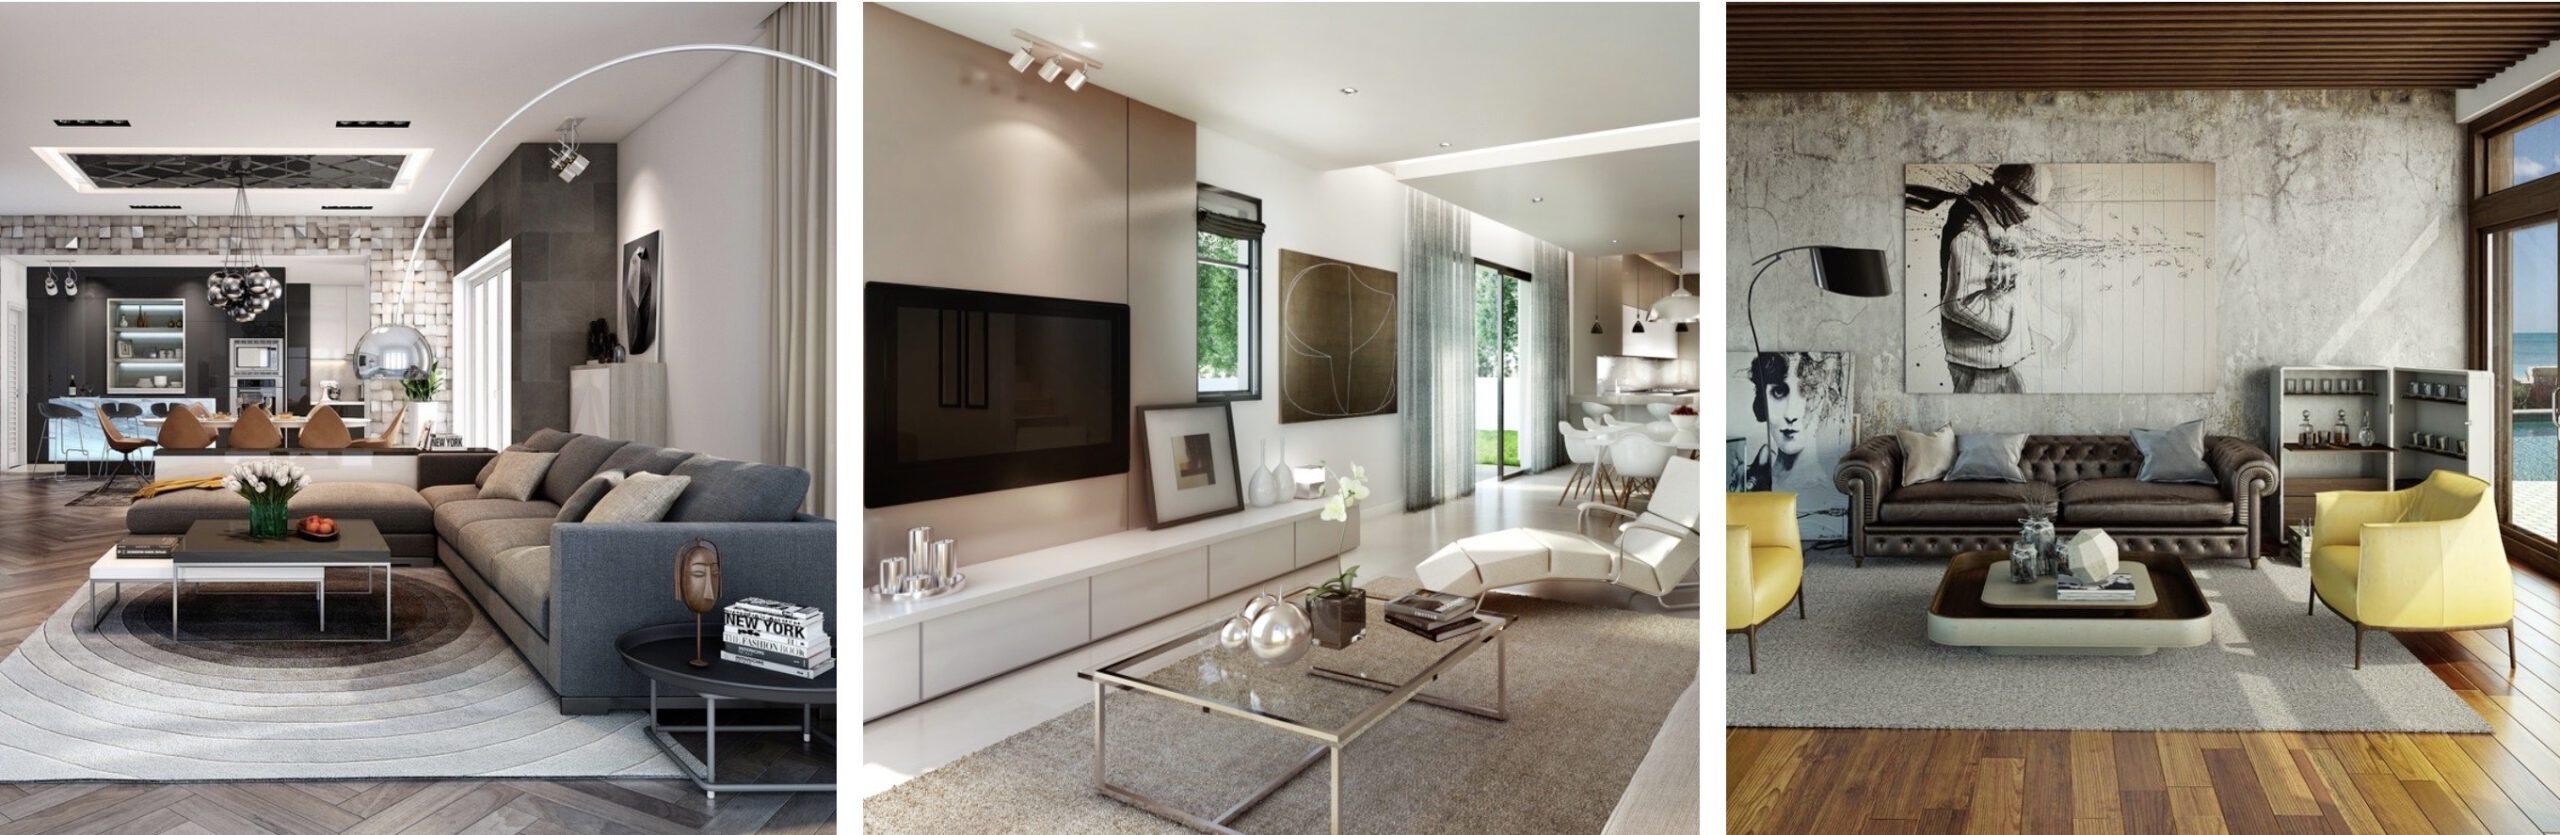 interieurstijl urban modern